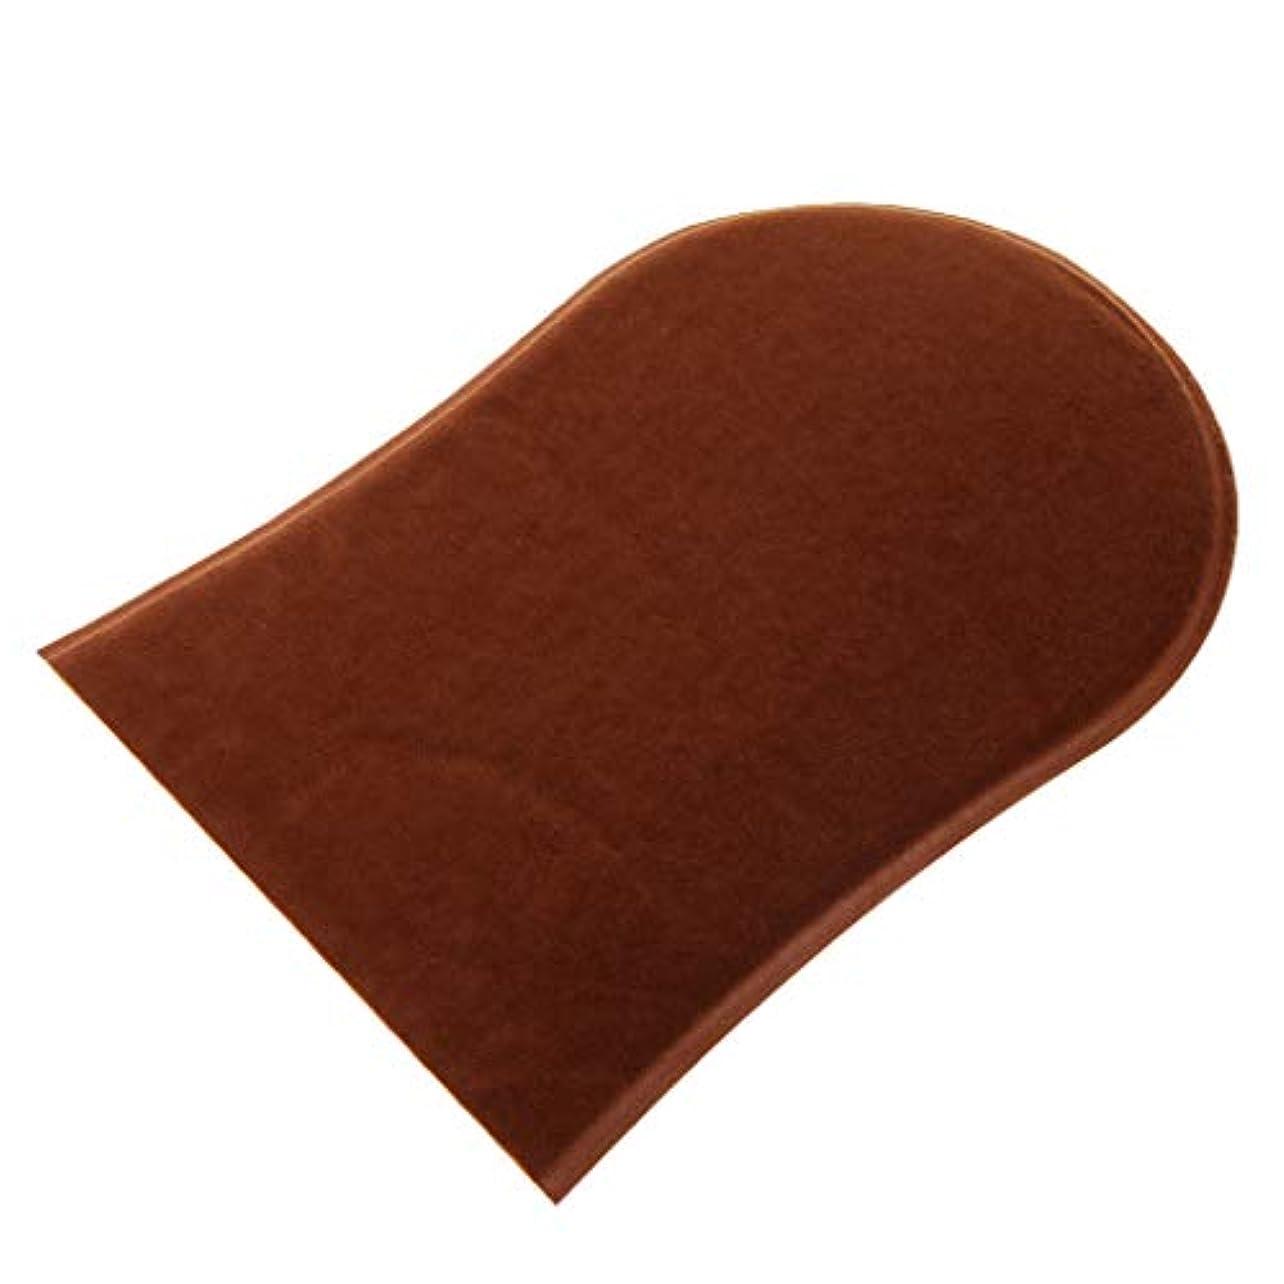 巡礼者退屈させる大使館T TOOYFUL 手袋 防水 再利用可能 滑らか ハンドケア セルフタンニング 両面 約19*12cm